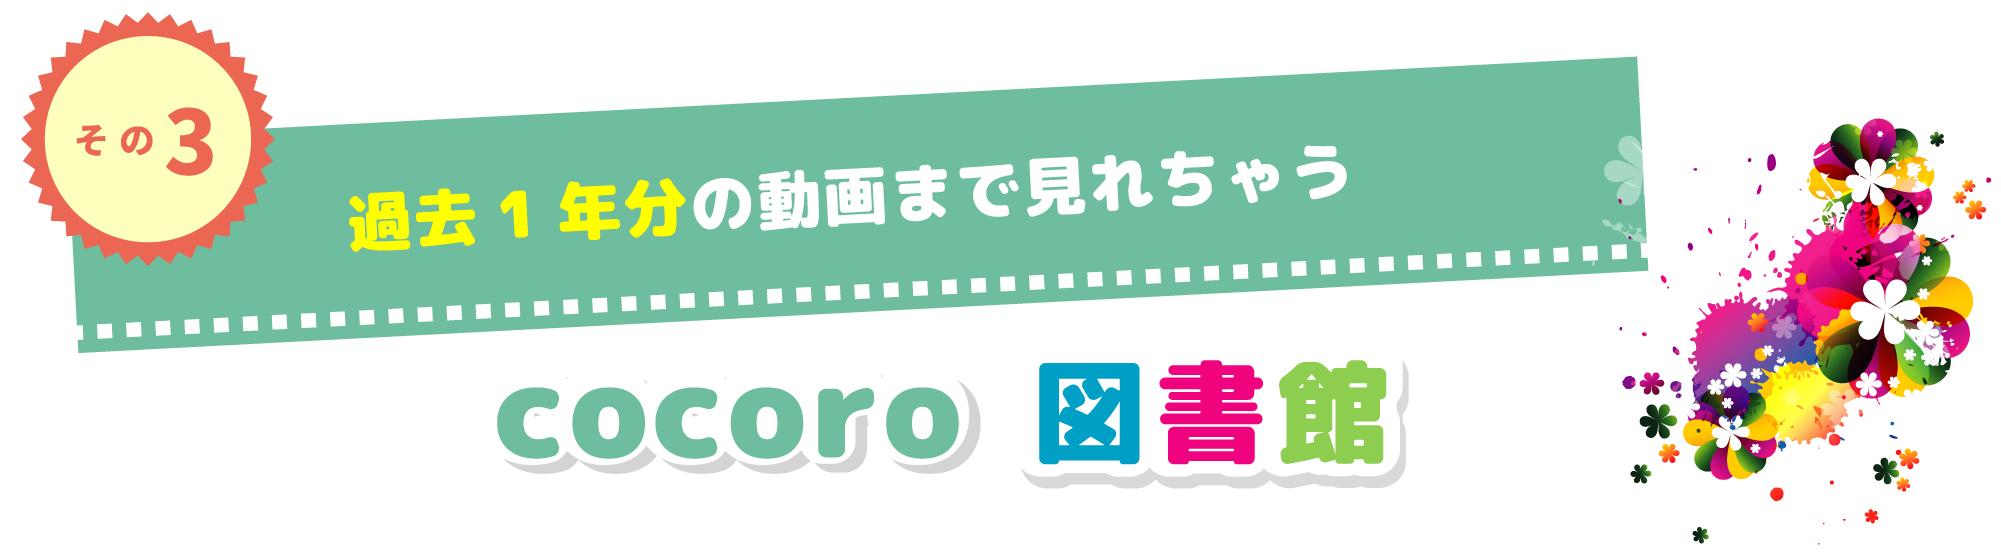 オンラインcocoro会cocoro図書館